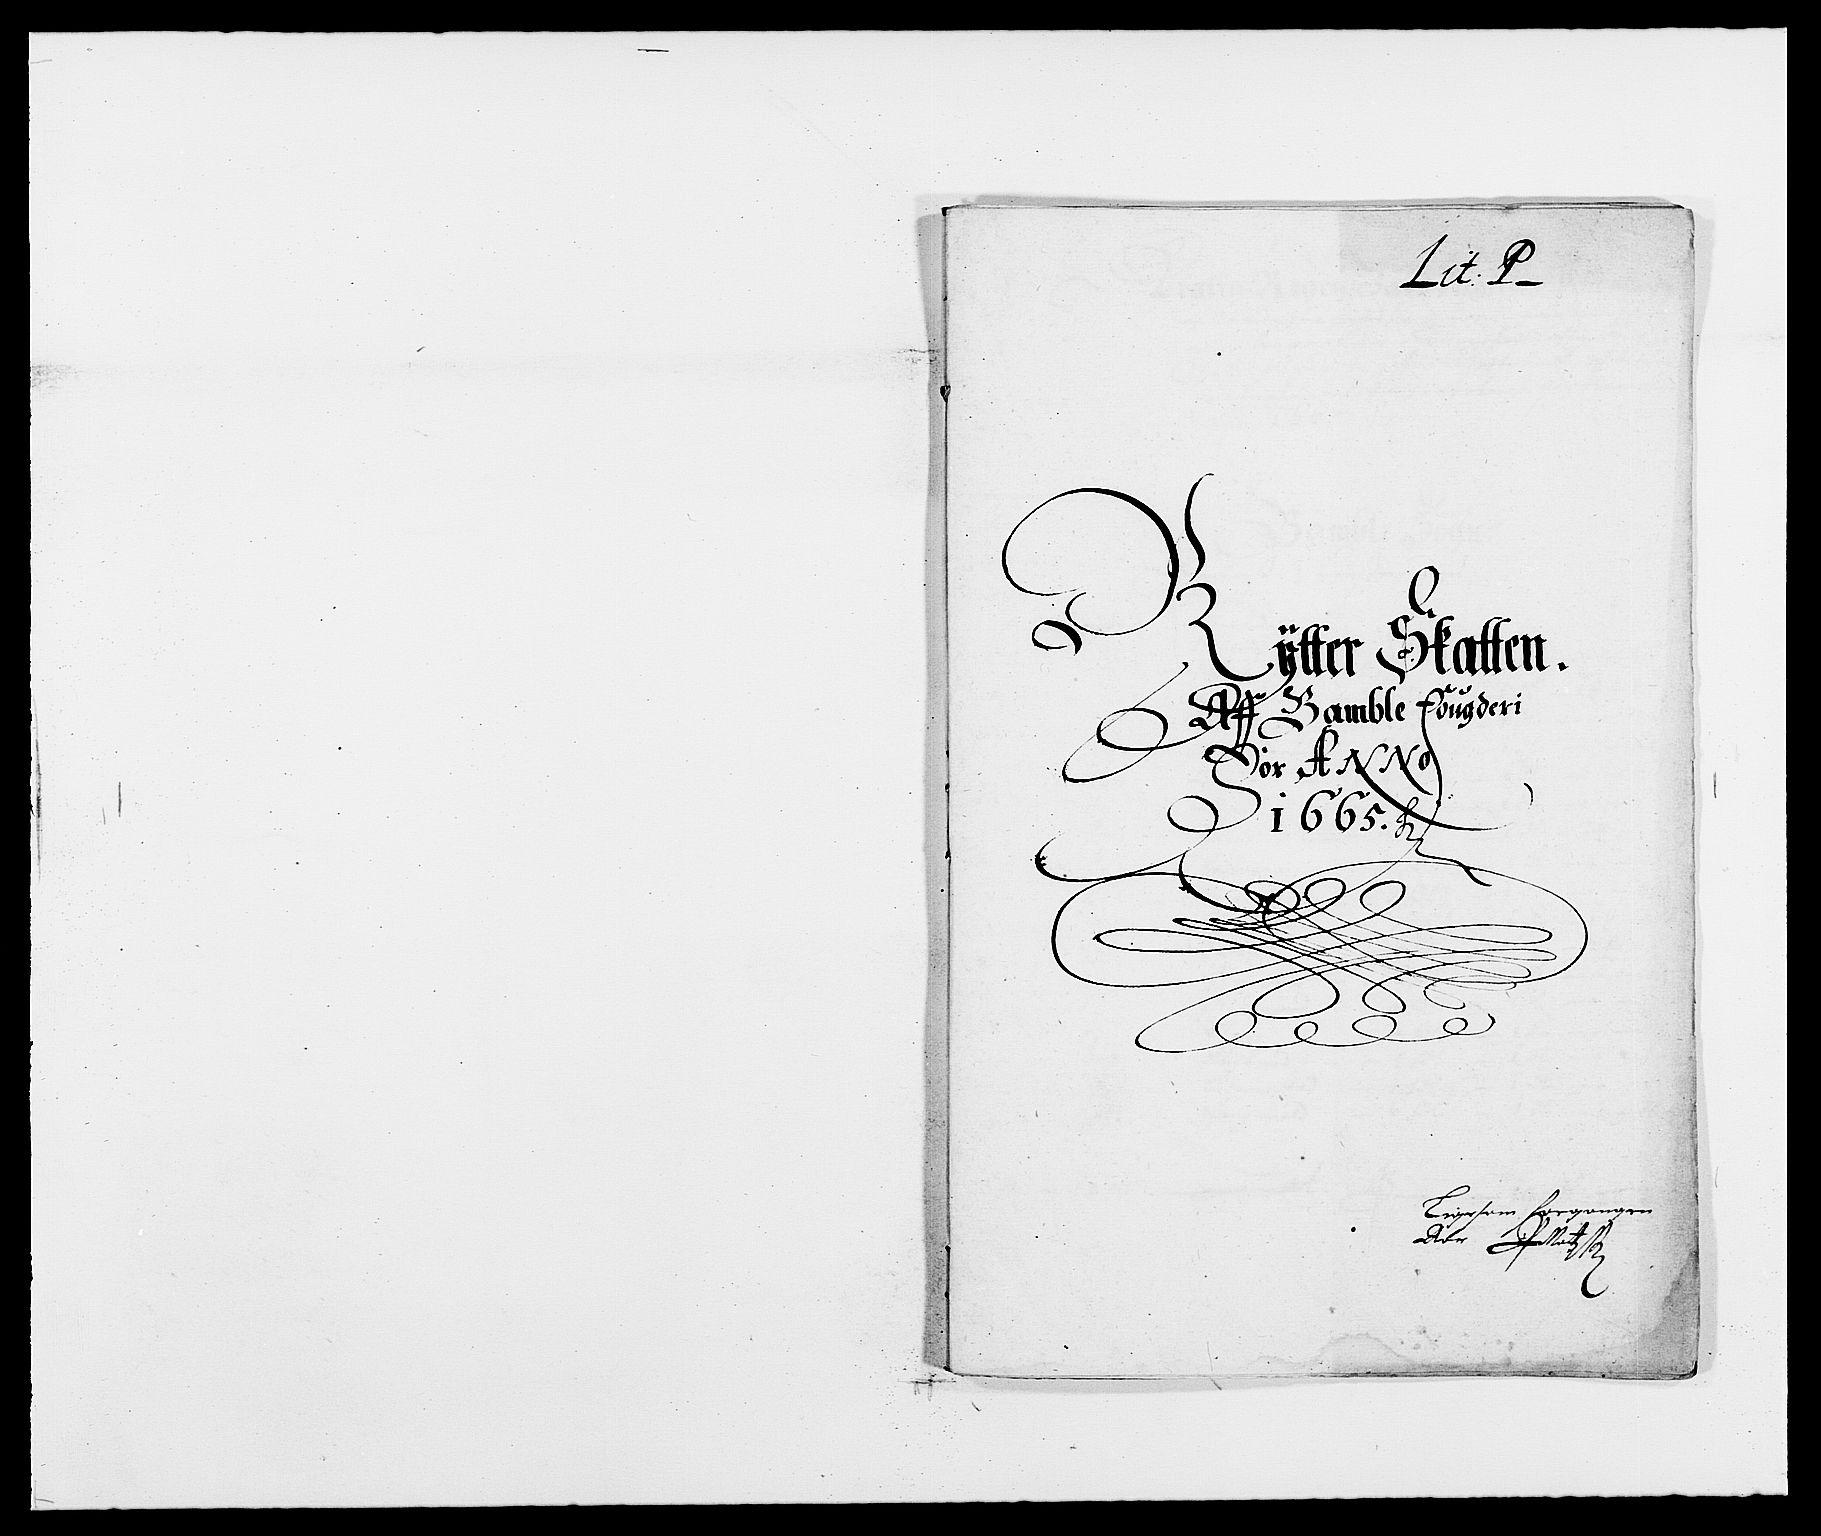 RA, Rentekammeret inntil 1814, Reviderte regnskaper, Fogderegnskap, R34/L2038: Fogderegnskap Bamble, 1662-1669, s. 222